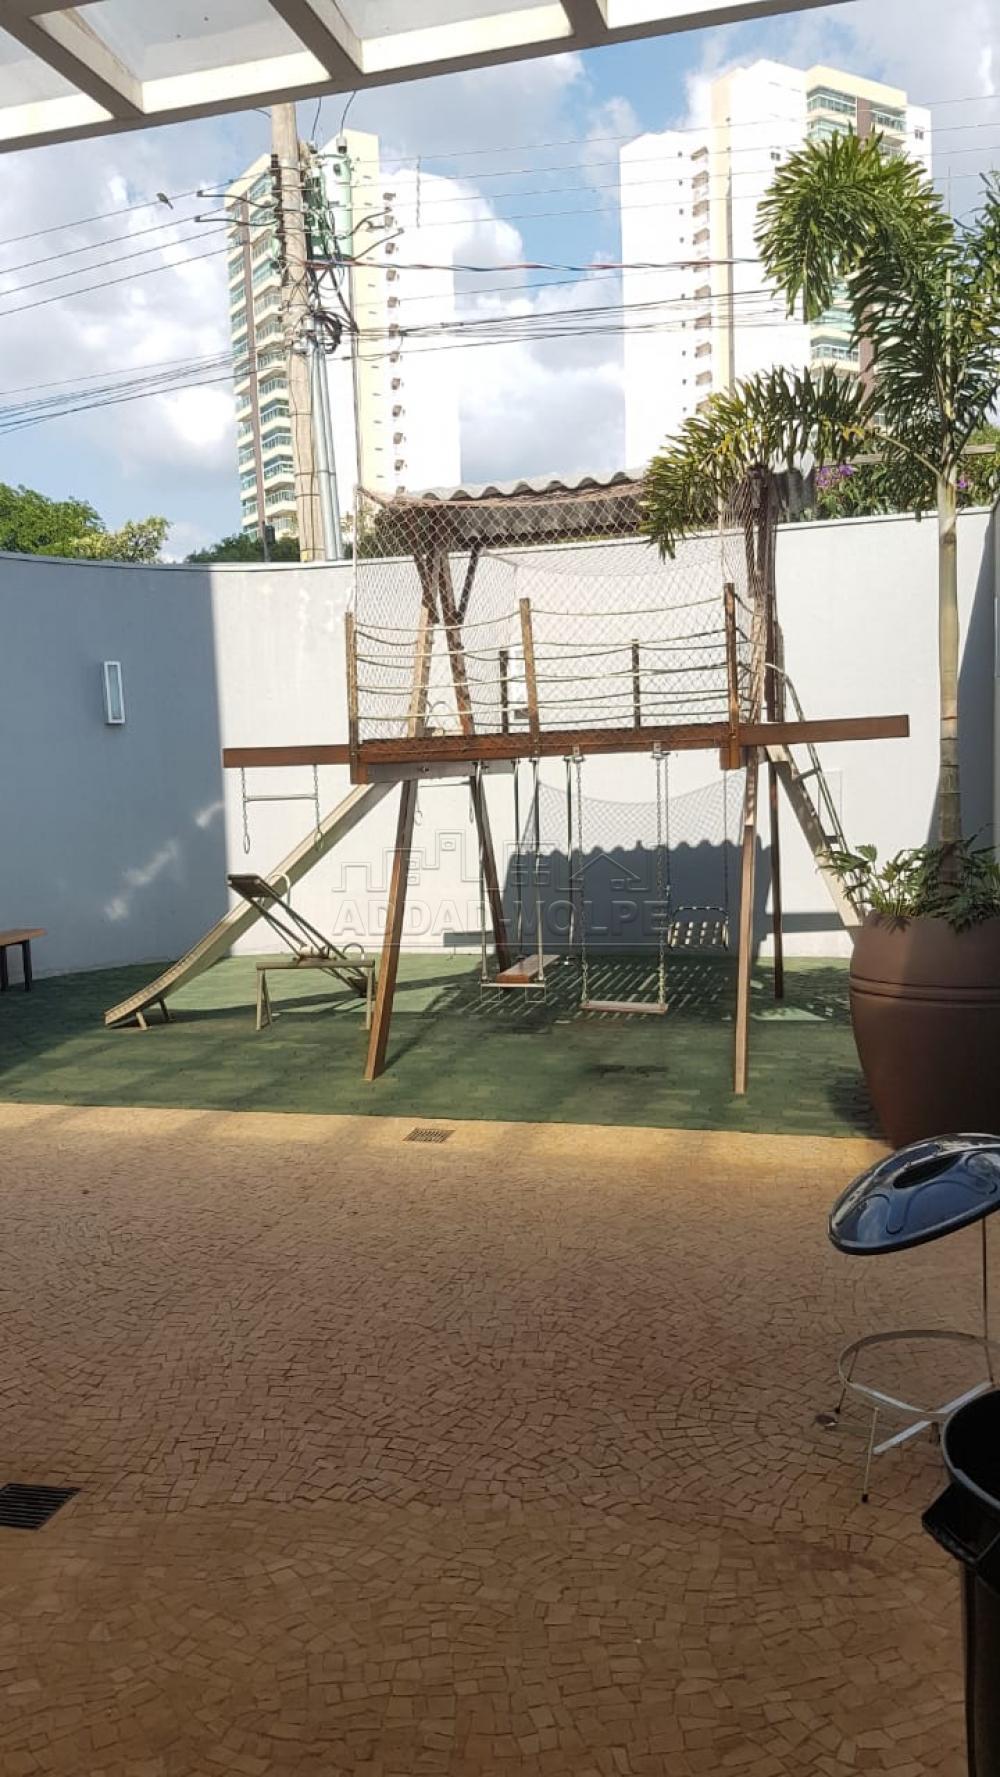 Comprar Apartamento / Padrão em Bauru apenas R$ 520.000,00 - Foto 18